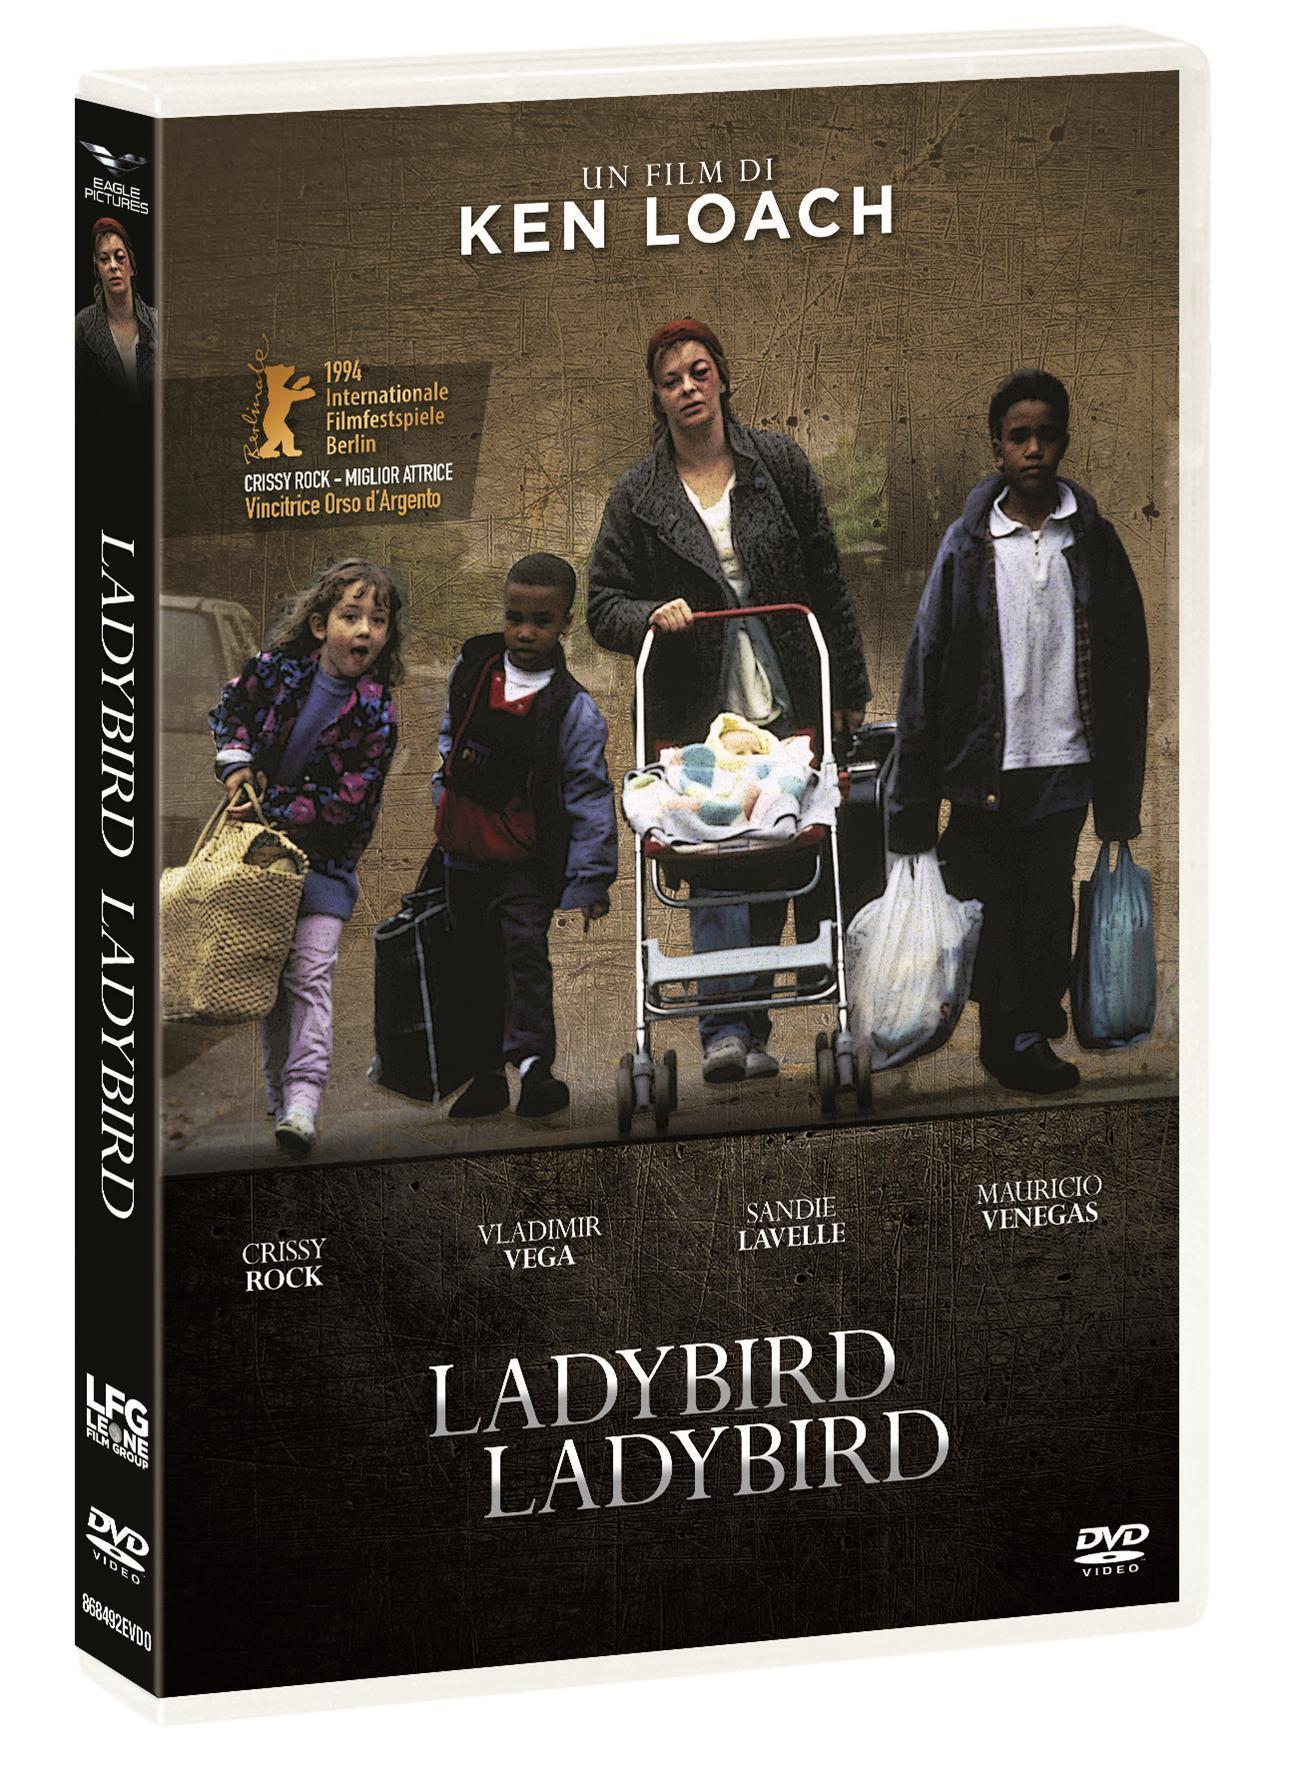 LADYBIRD LADYBIRD (DVD)